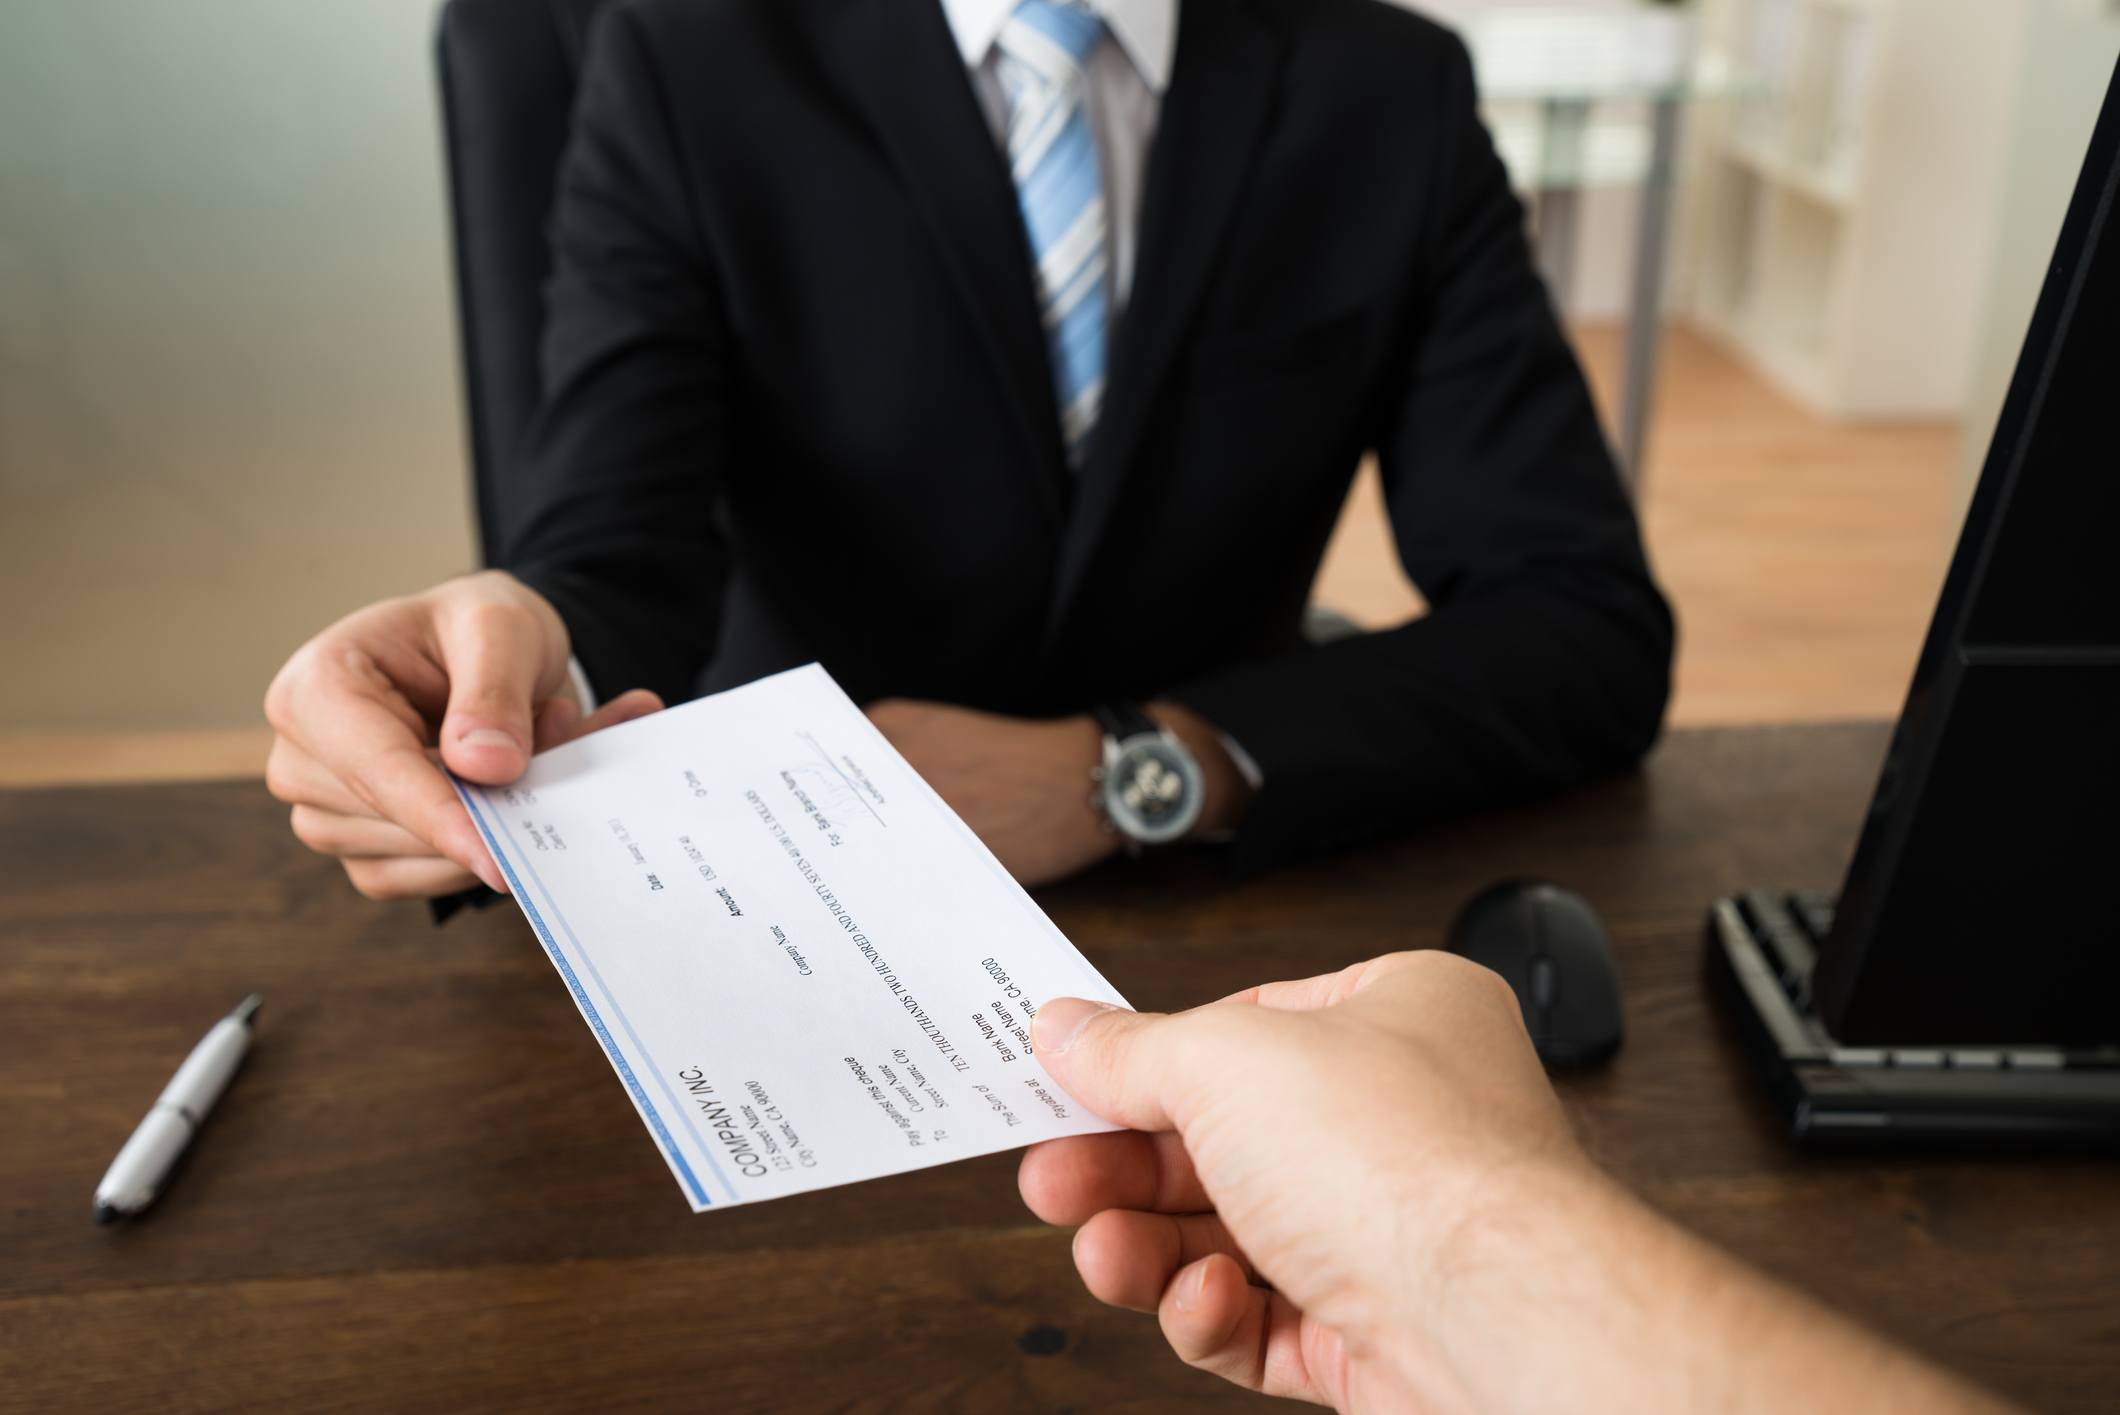 man taking a check